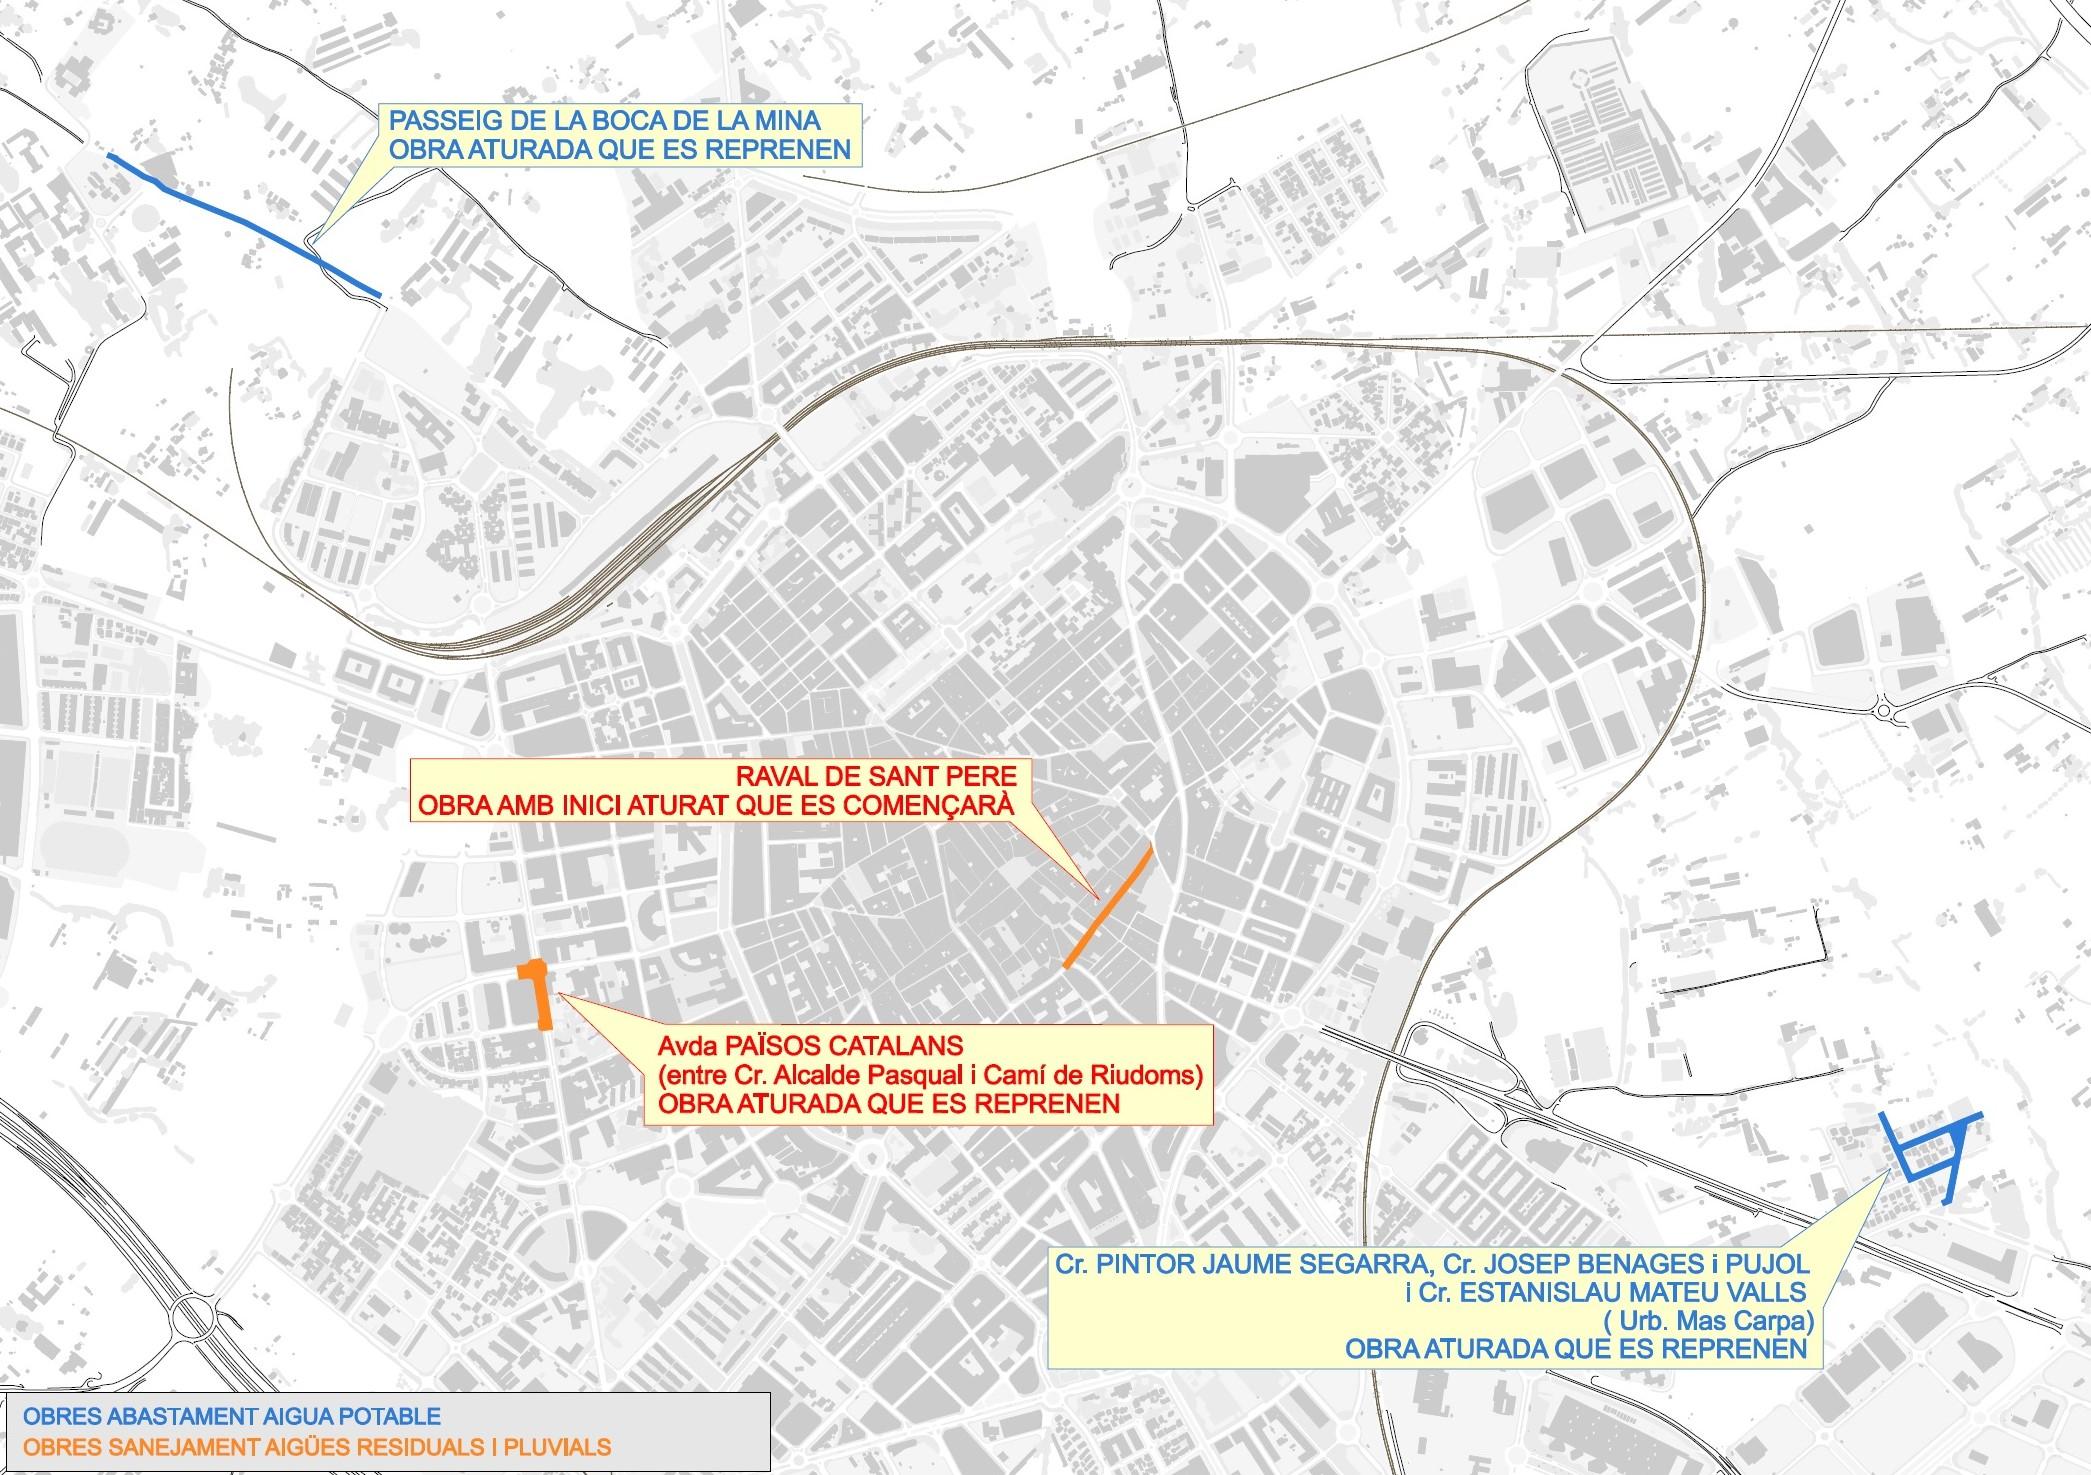 Aigües de Reus iniciarà la setmana que ve les obres de renovació de la xarxa de sanejament del raval de Sant Pere (des del carrer Batan)...